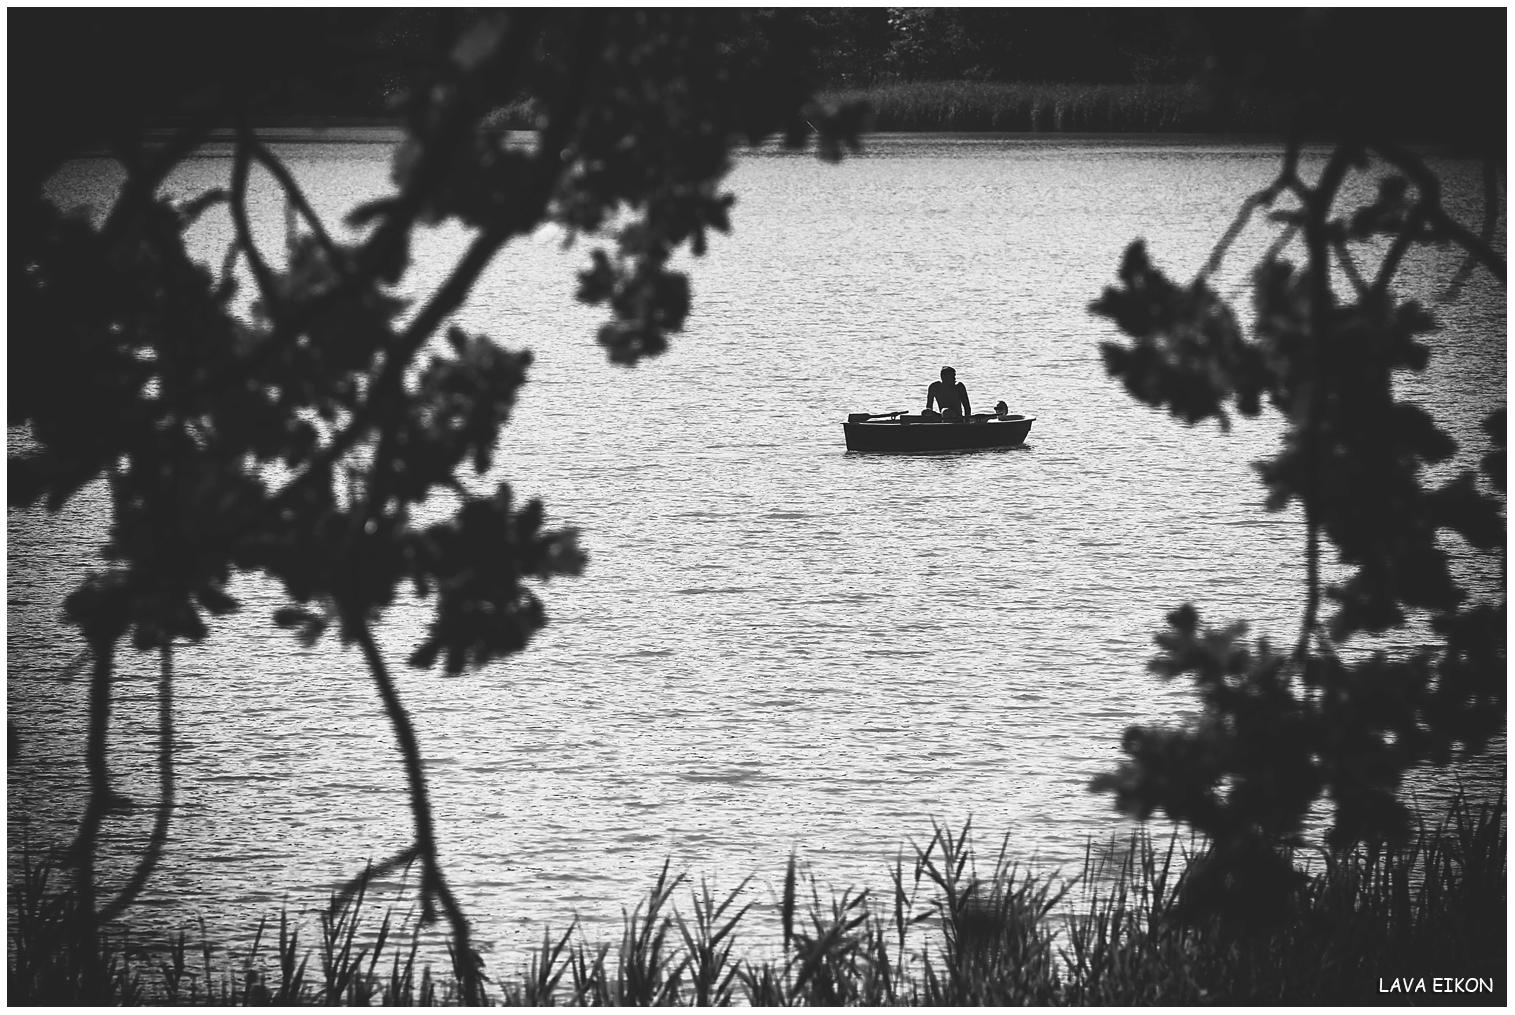 Sitzen zusammen in 'nem kleinen Boot...